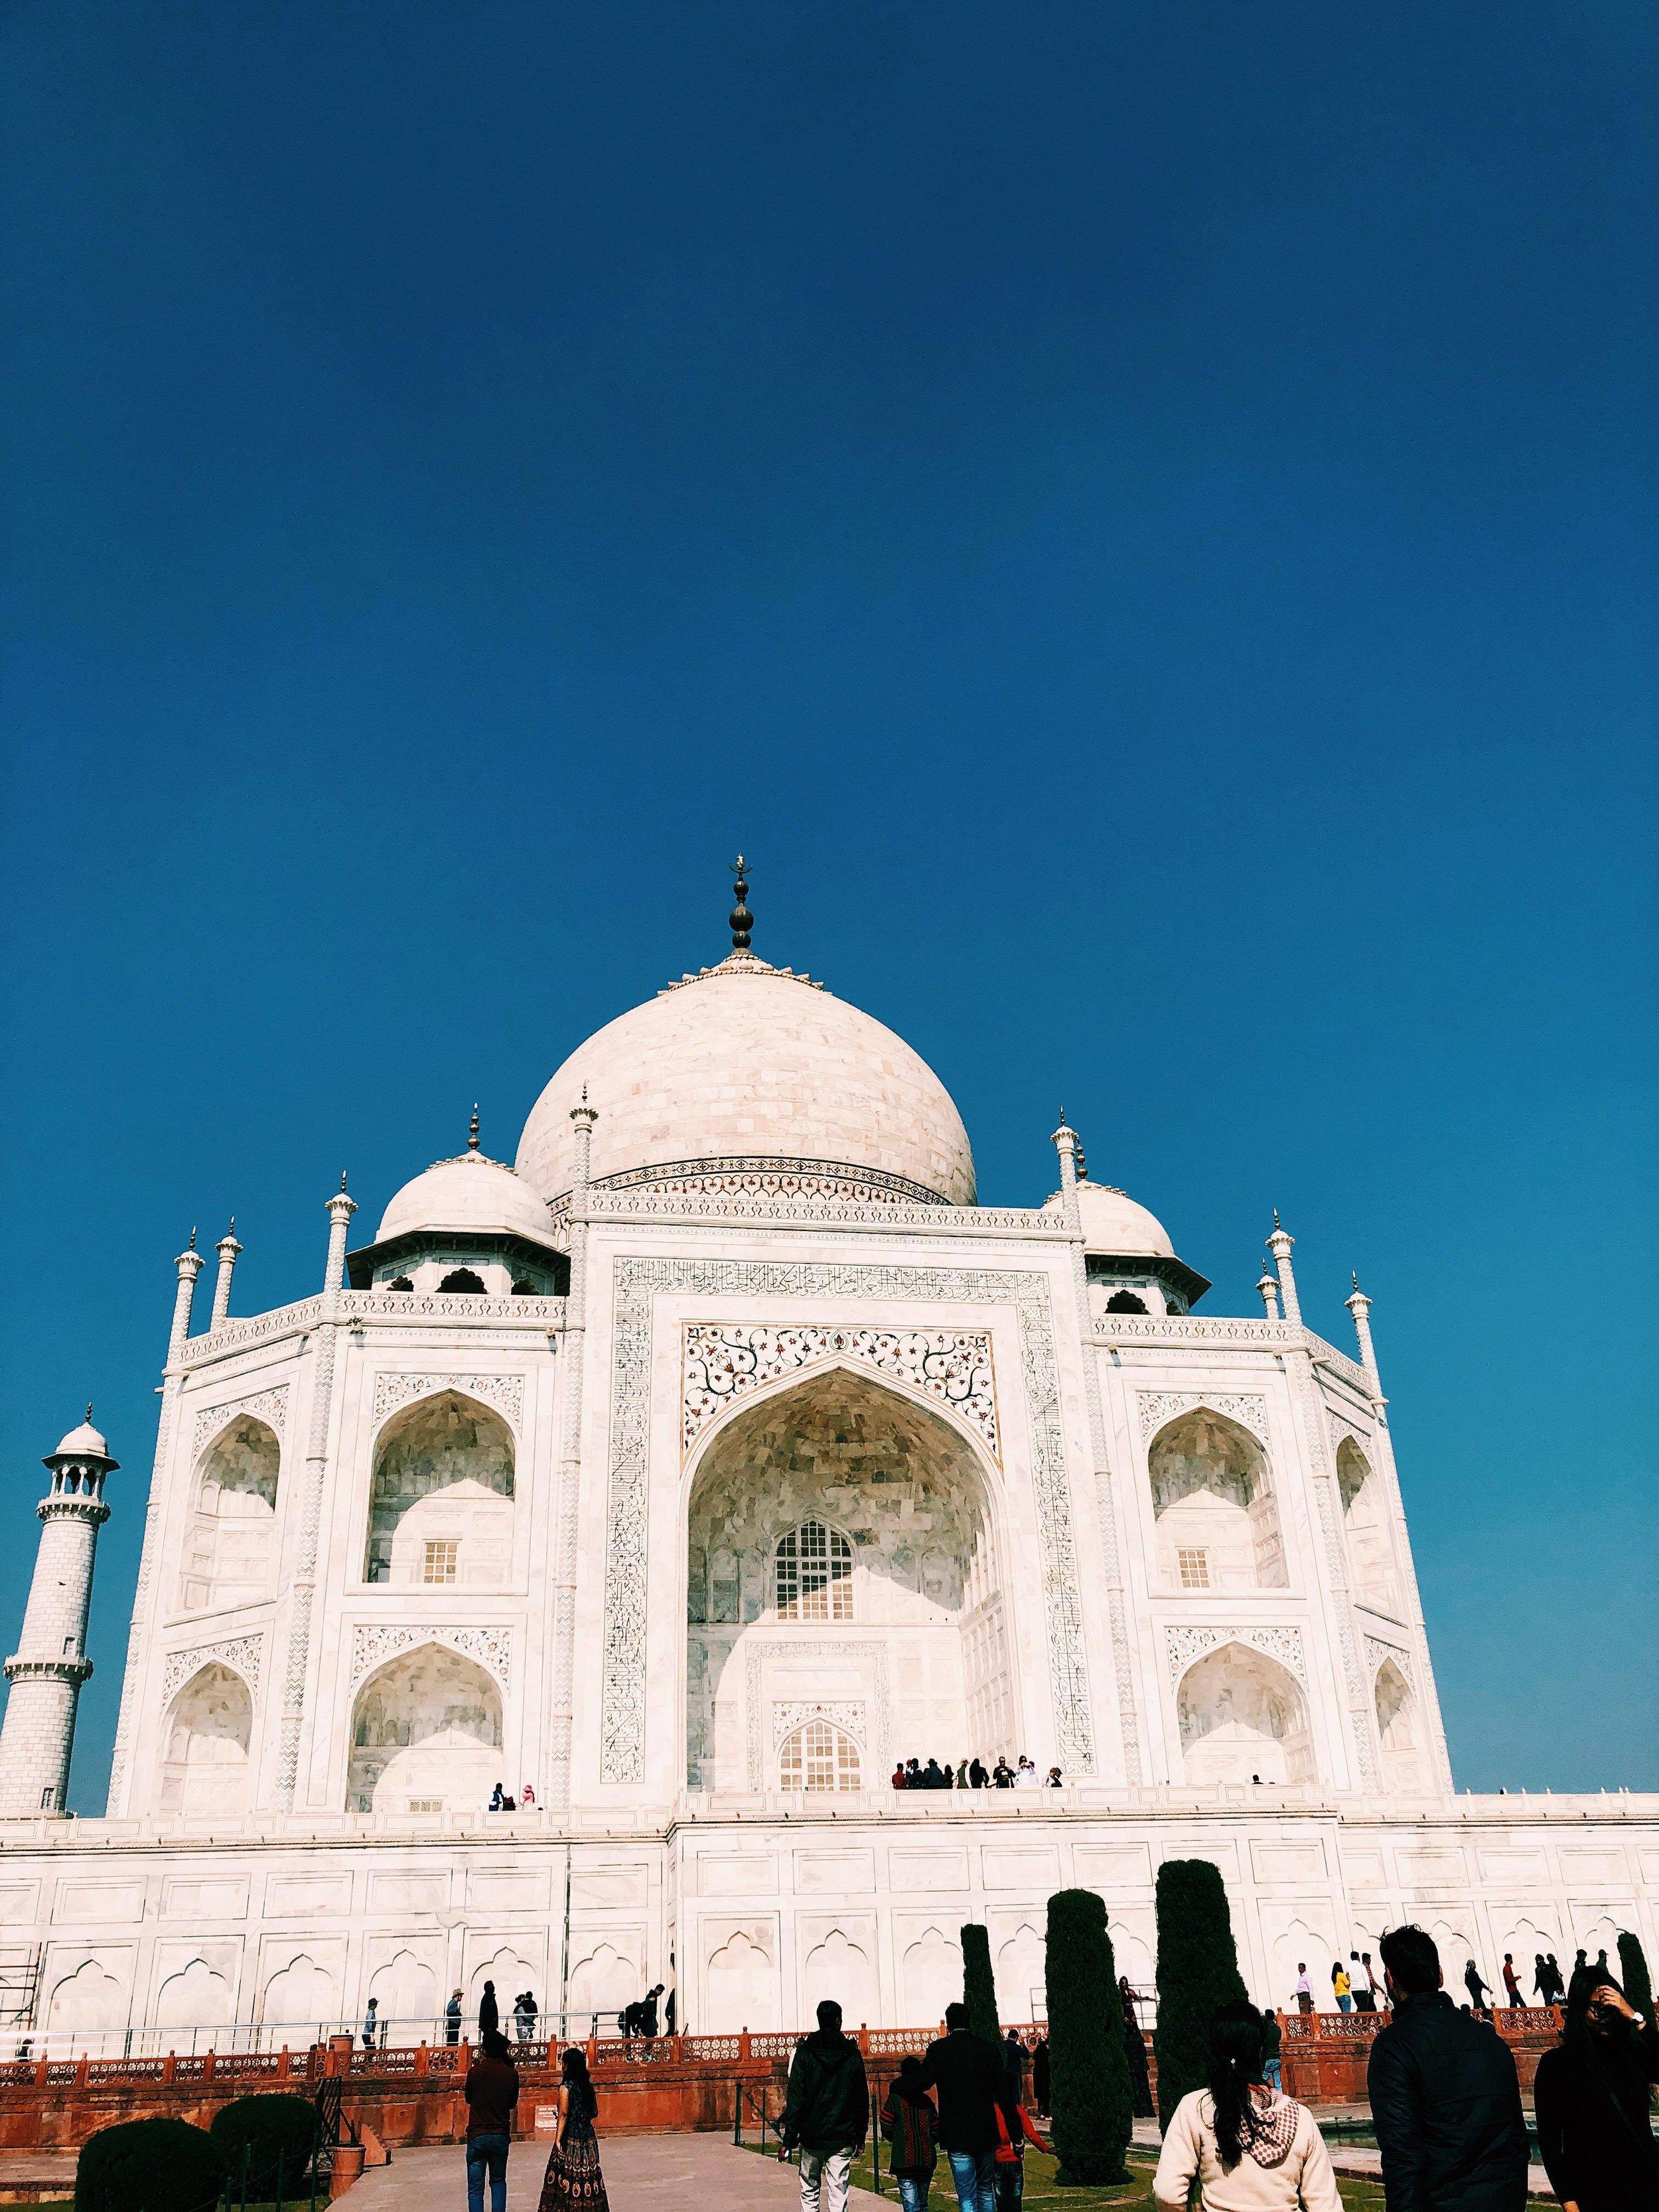 Taj Mahal: Agra, Uttar Pradesh. Photo courtesy:  Ishana Sahabir